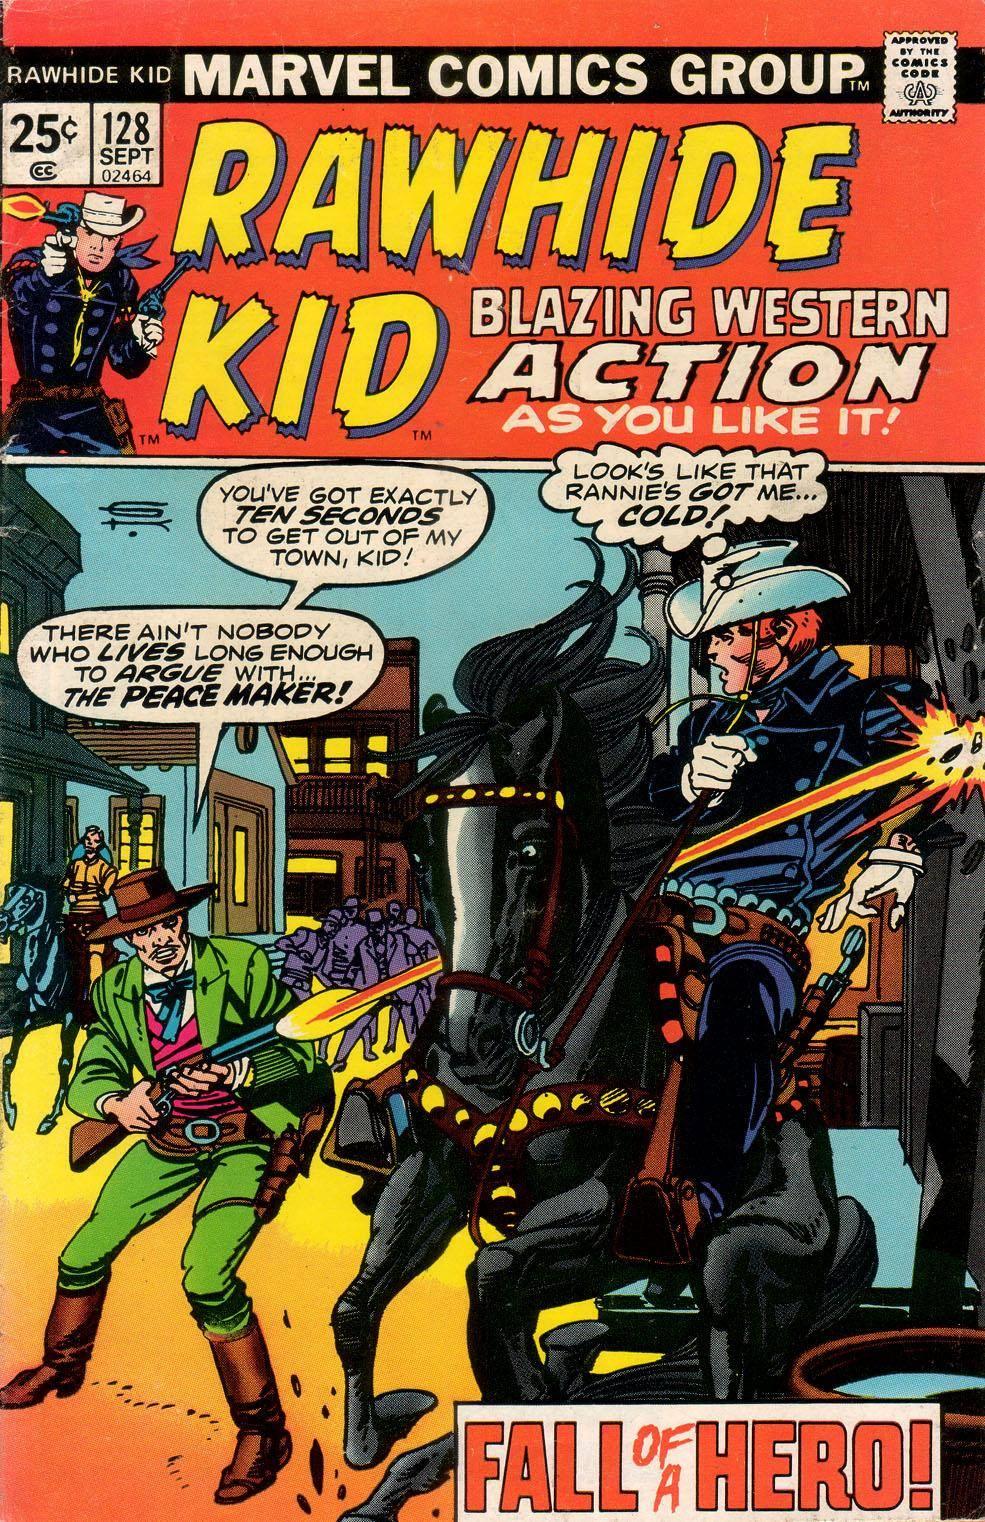 Rawhide Kid v1 128 1975